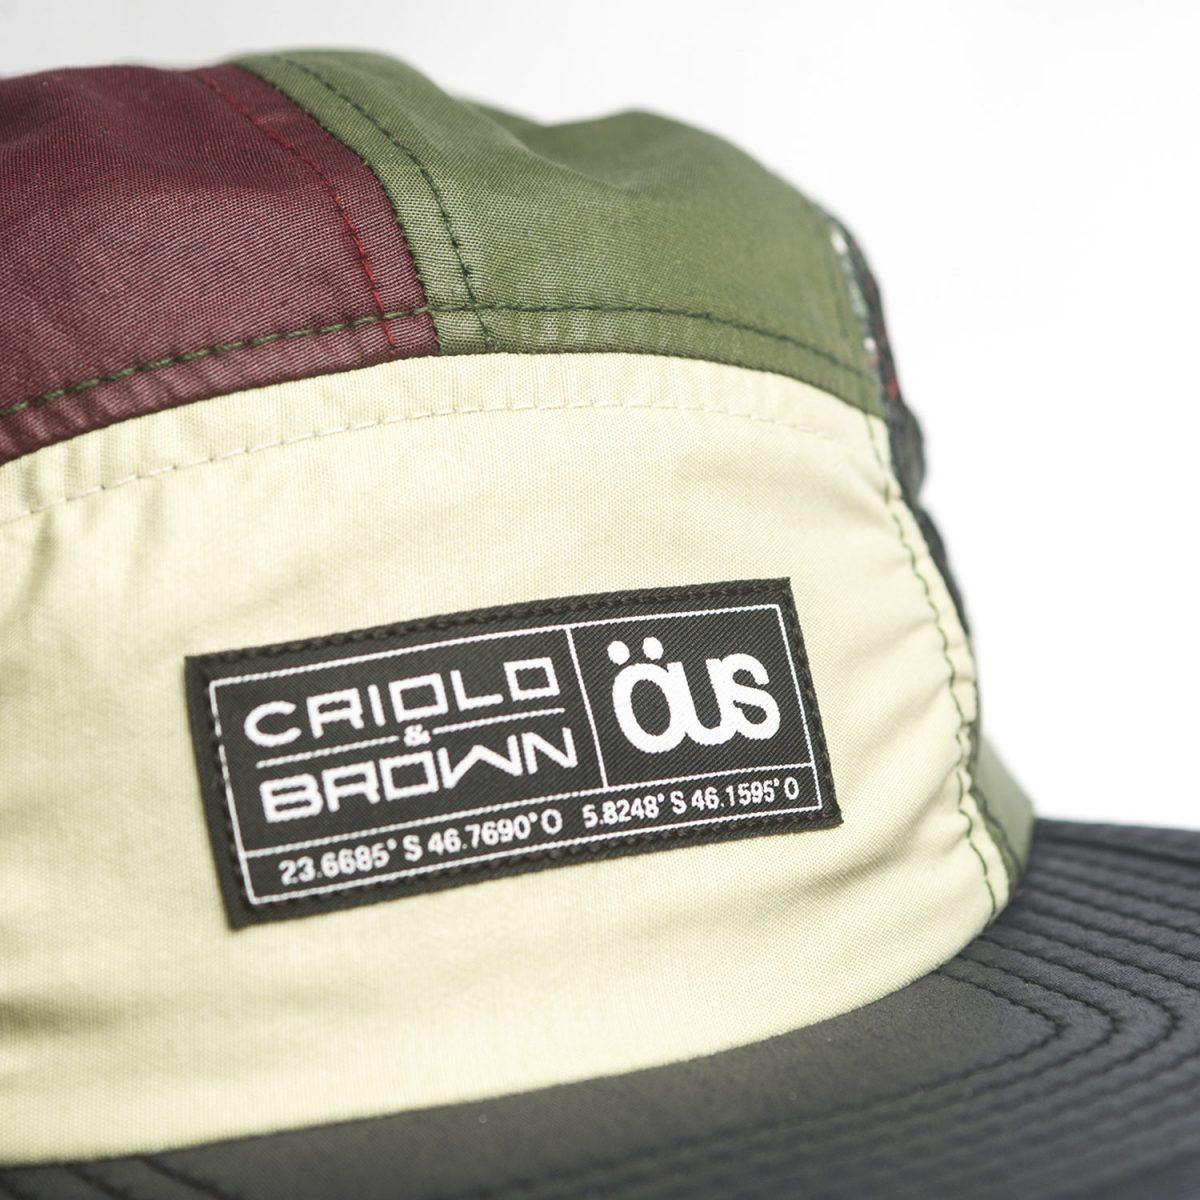 ous criolo mano brown collab 10 - ÖUS lança coleção limitada com Criolo e Mano Brown